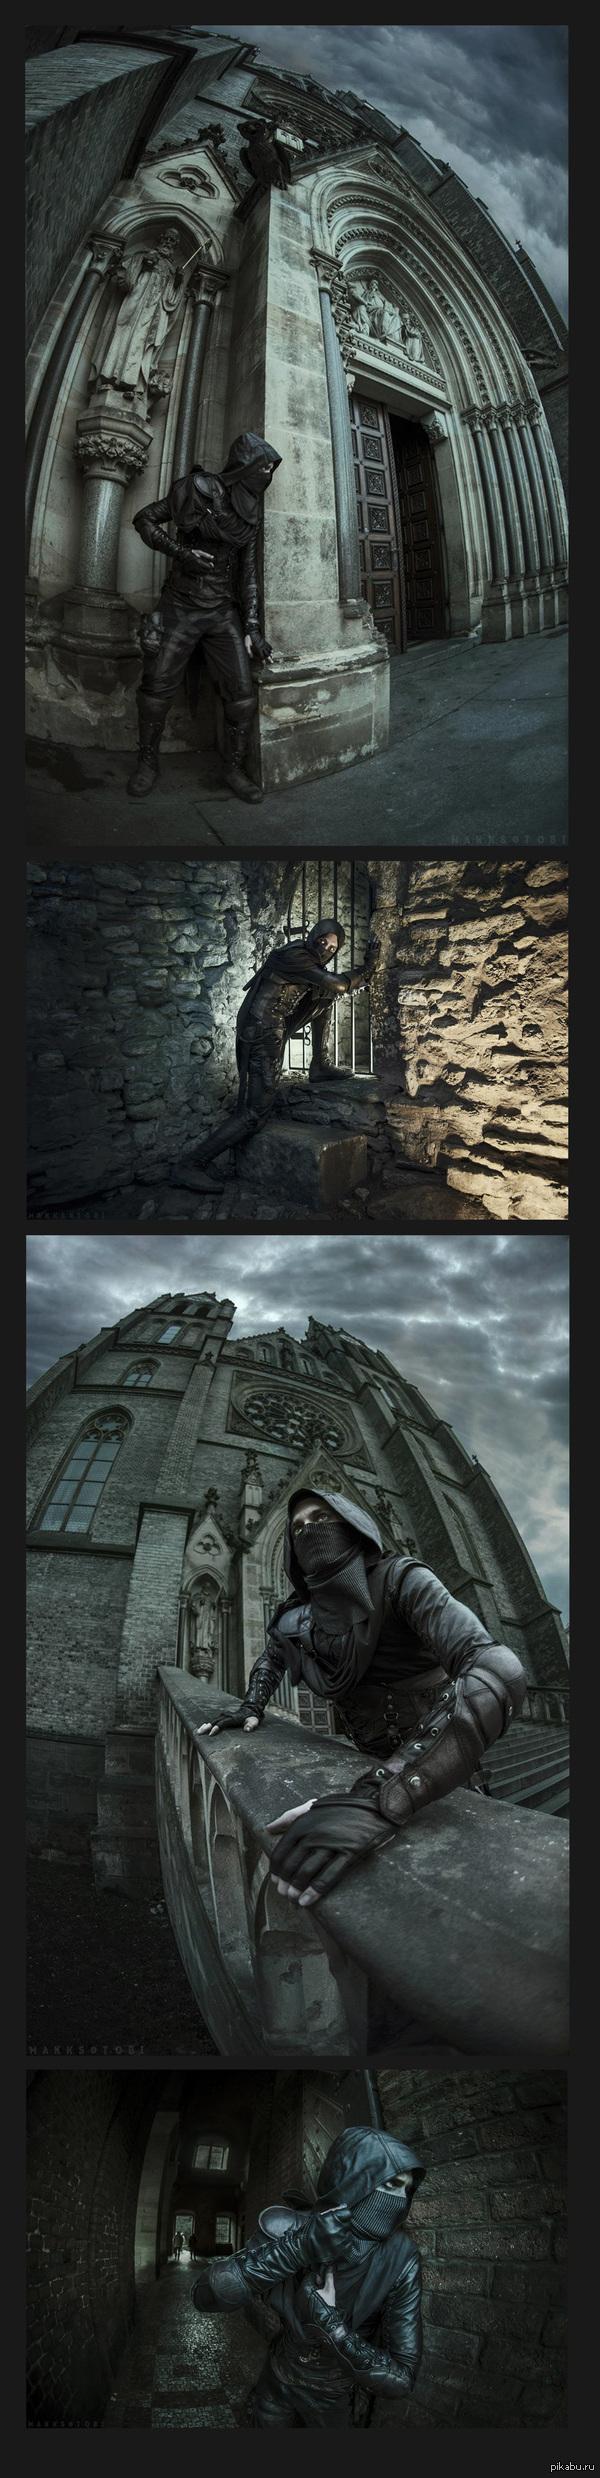 Потрясающий Garrett Очень атмосферный фото-косплей главного героя игры Thief 4. Снимали русские ребята в Чехии.